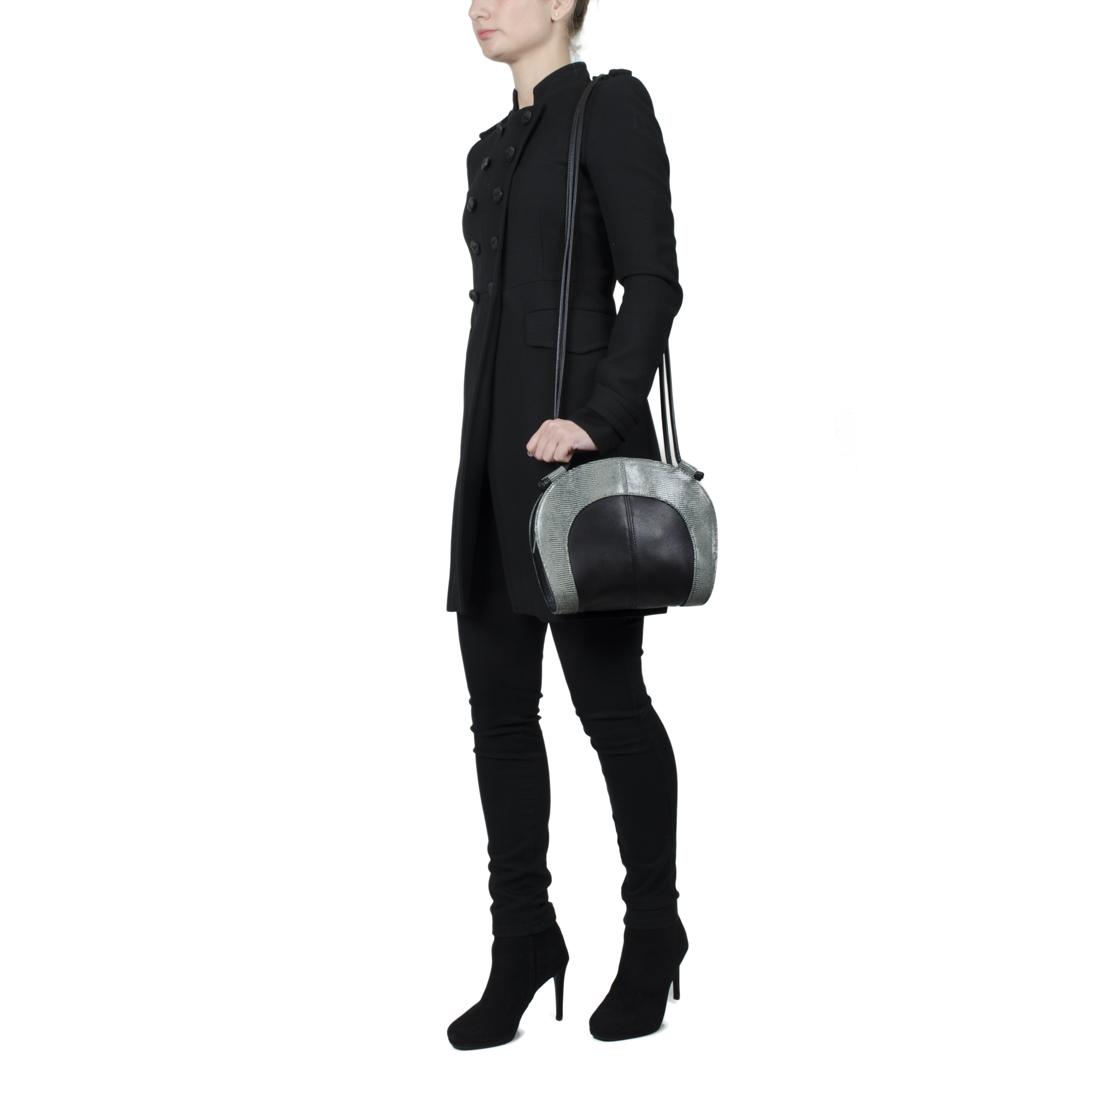 Molly Black Ostrich Print Leather Shoulder Bag